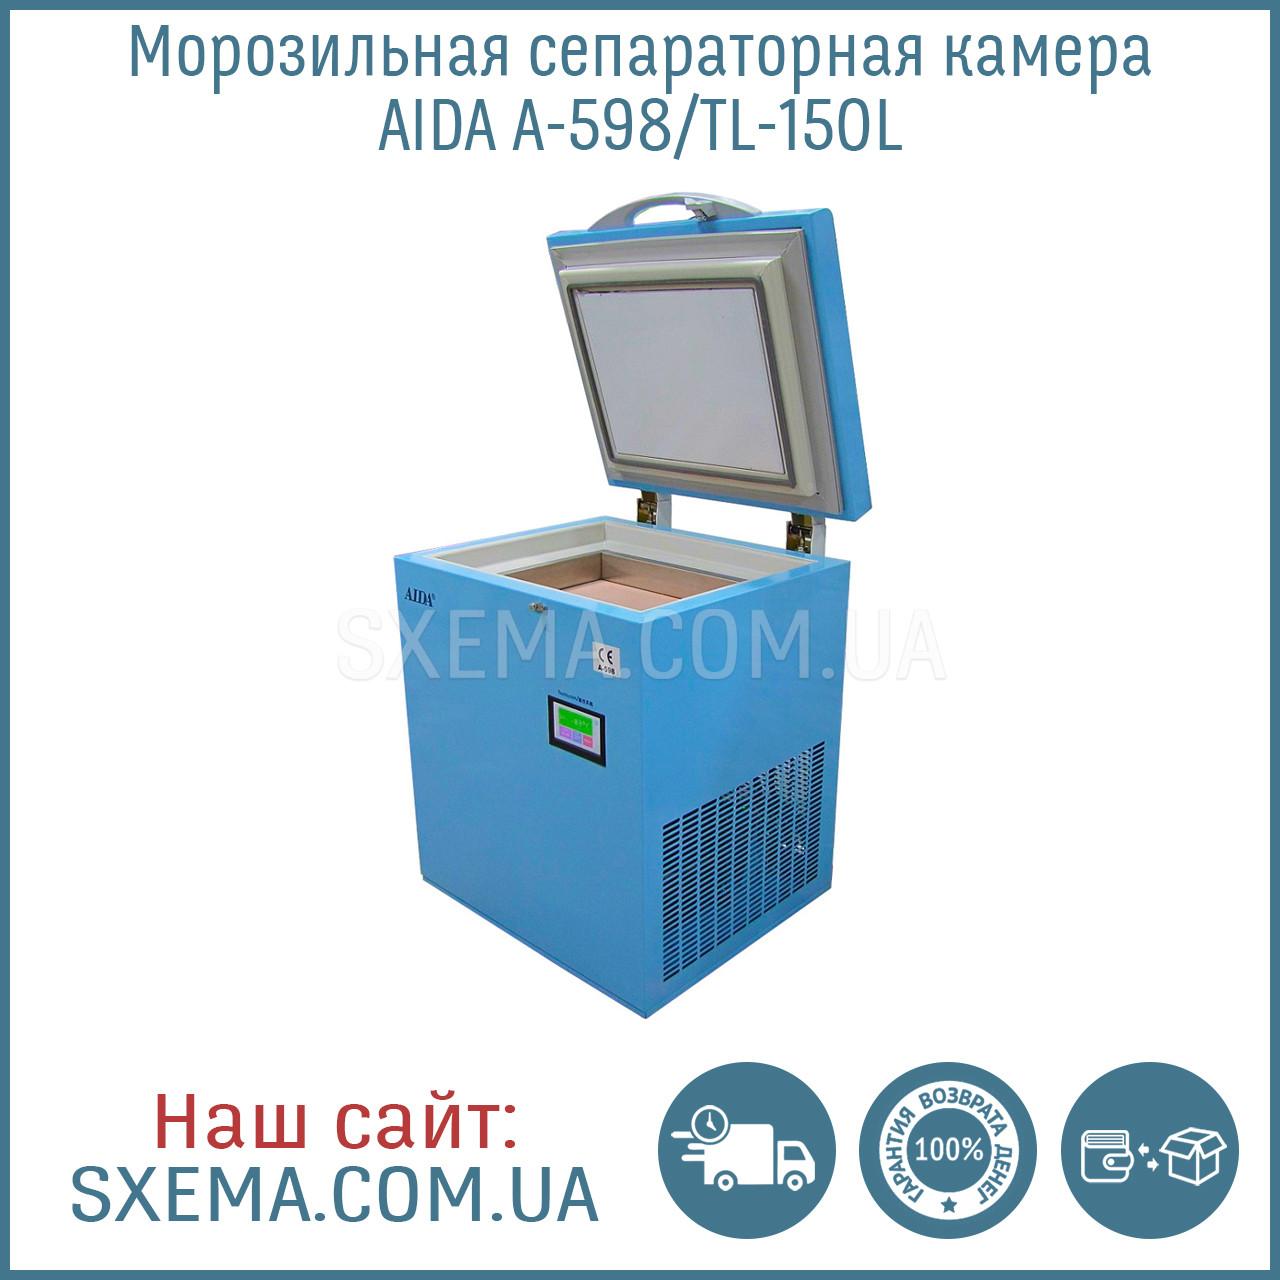 Морозильная сепараторная камера AIDA A-598/TL-150L с цветным сенсорным экраном